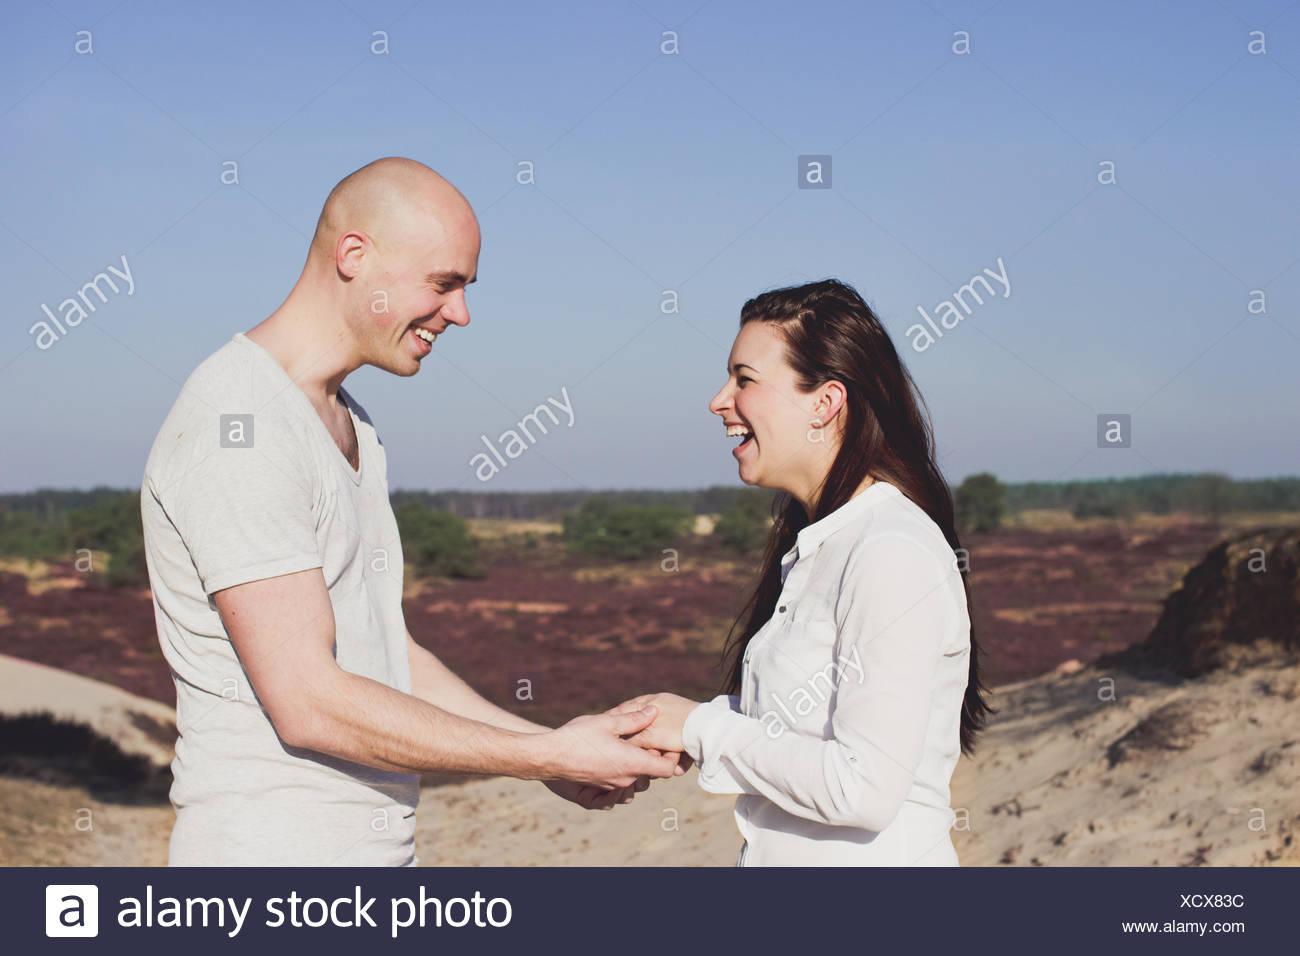 Porträt von ein paar Hand in Hand, lachen Stockbild